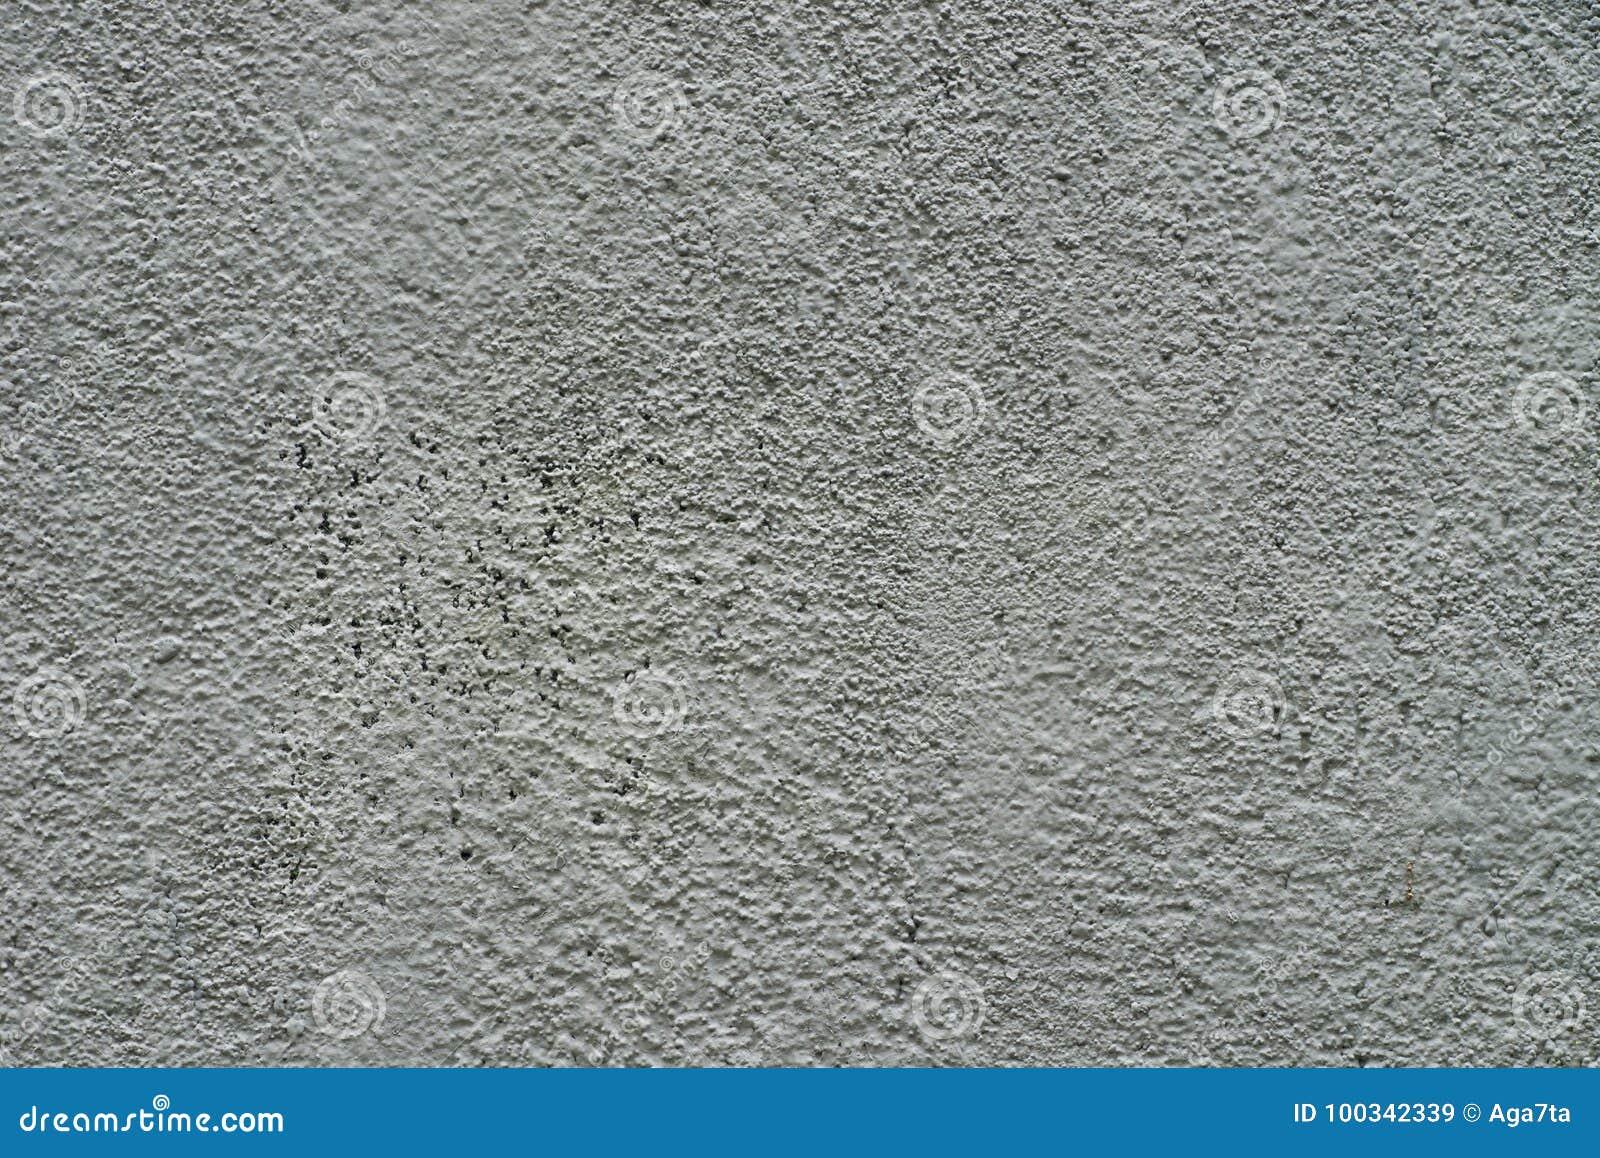 Fond De Texture De Mur Peint Par Gris Image stock - Image du fond ...